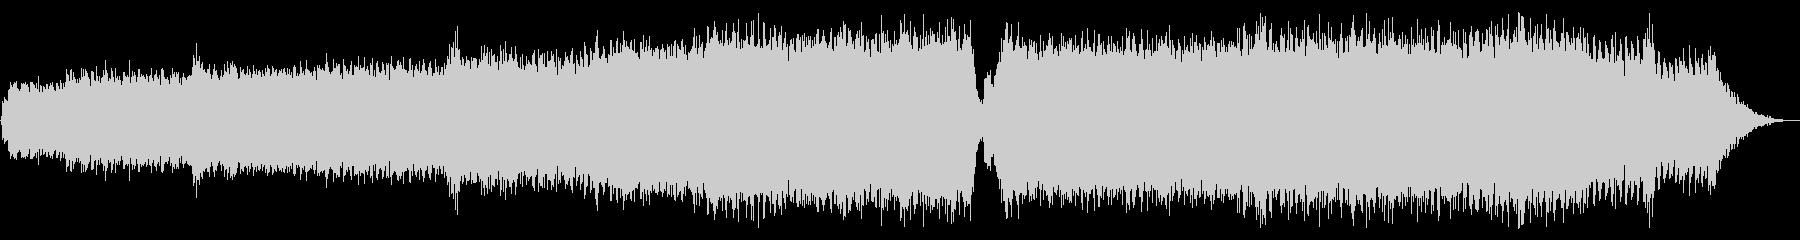 澄み渡る青空_リミックスの未再生の波形